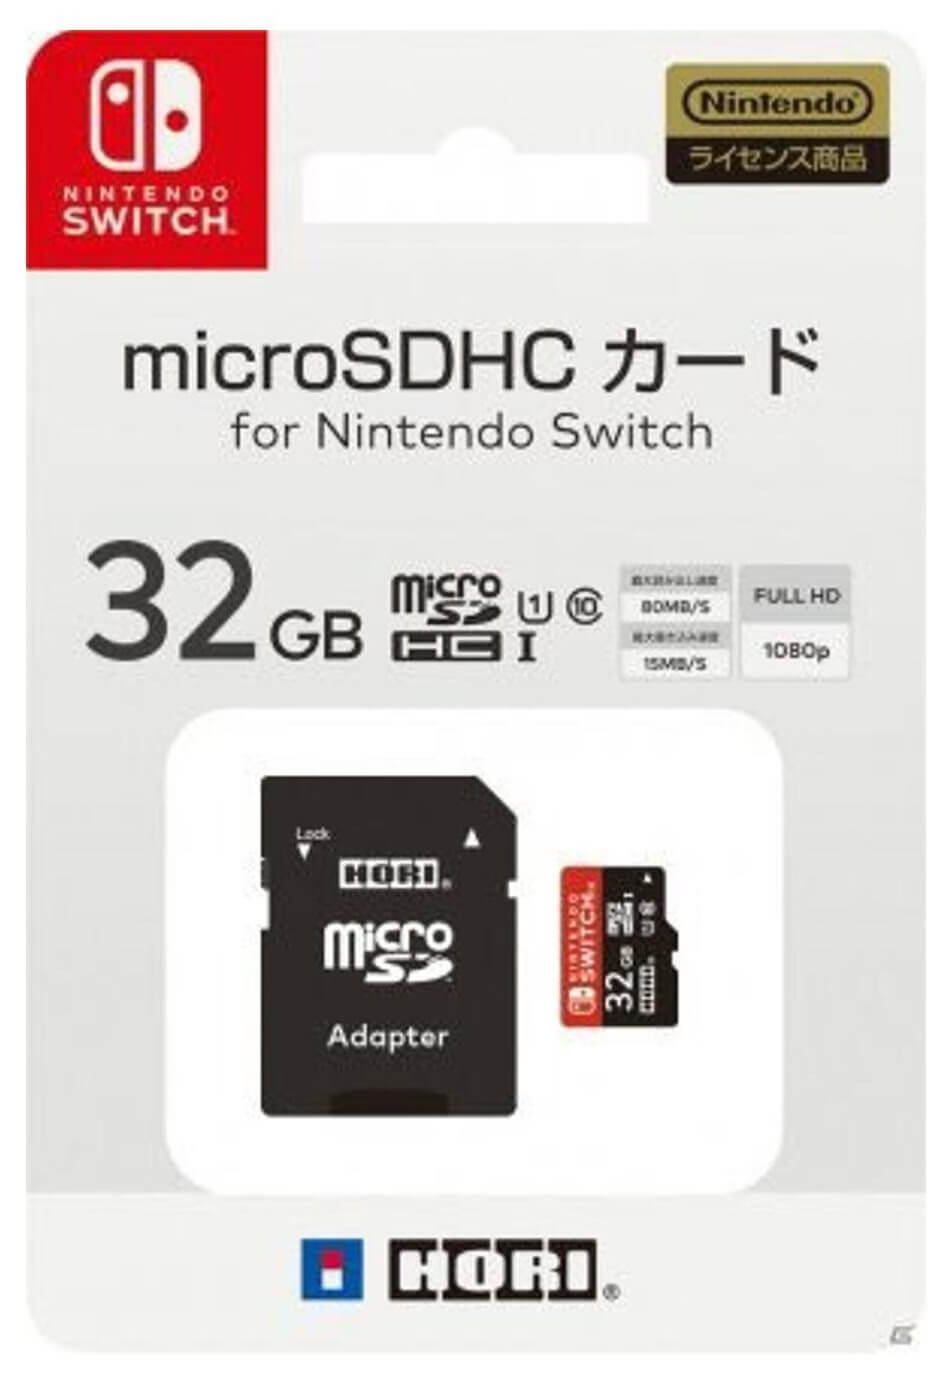 Nintendo switch terá seus próprios cartões microsd... E eles serão bem caros. O nintendo switch terá seus próprios cartões microsd. E, aparentemente, eles custarão consideravelmente mais do que modelos equivalentes.